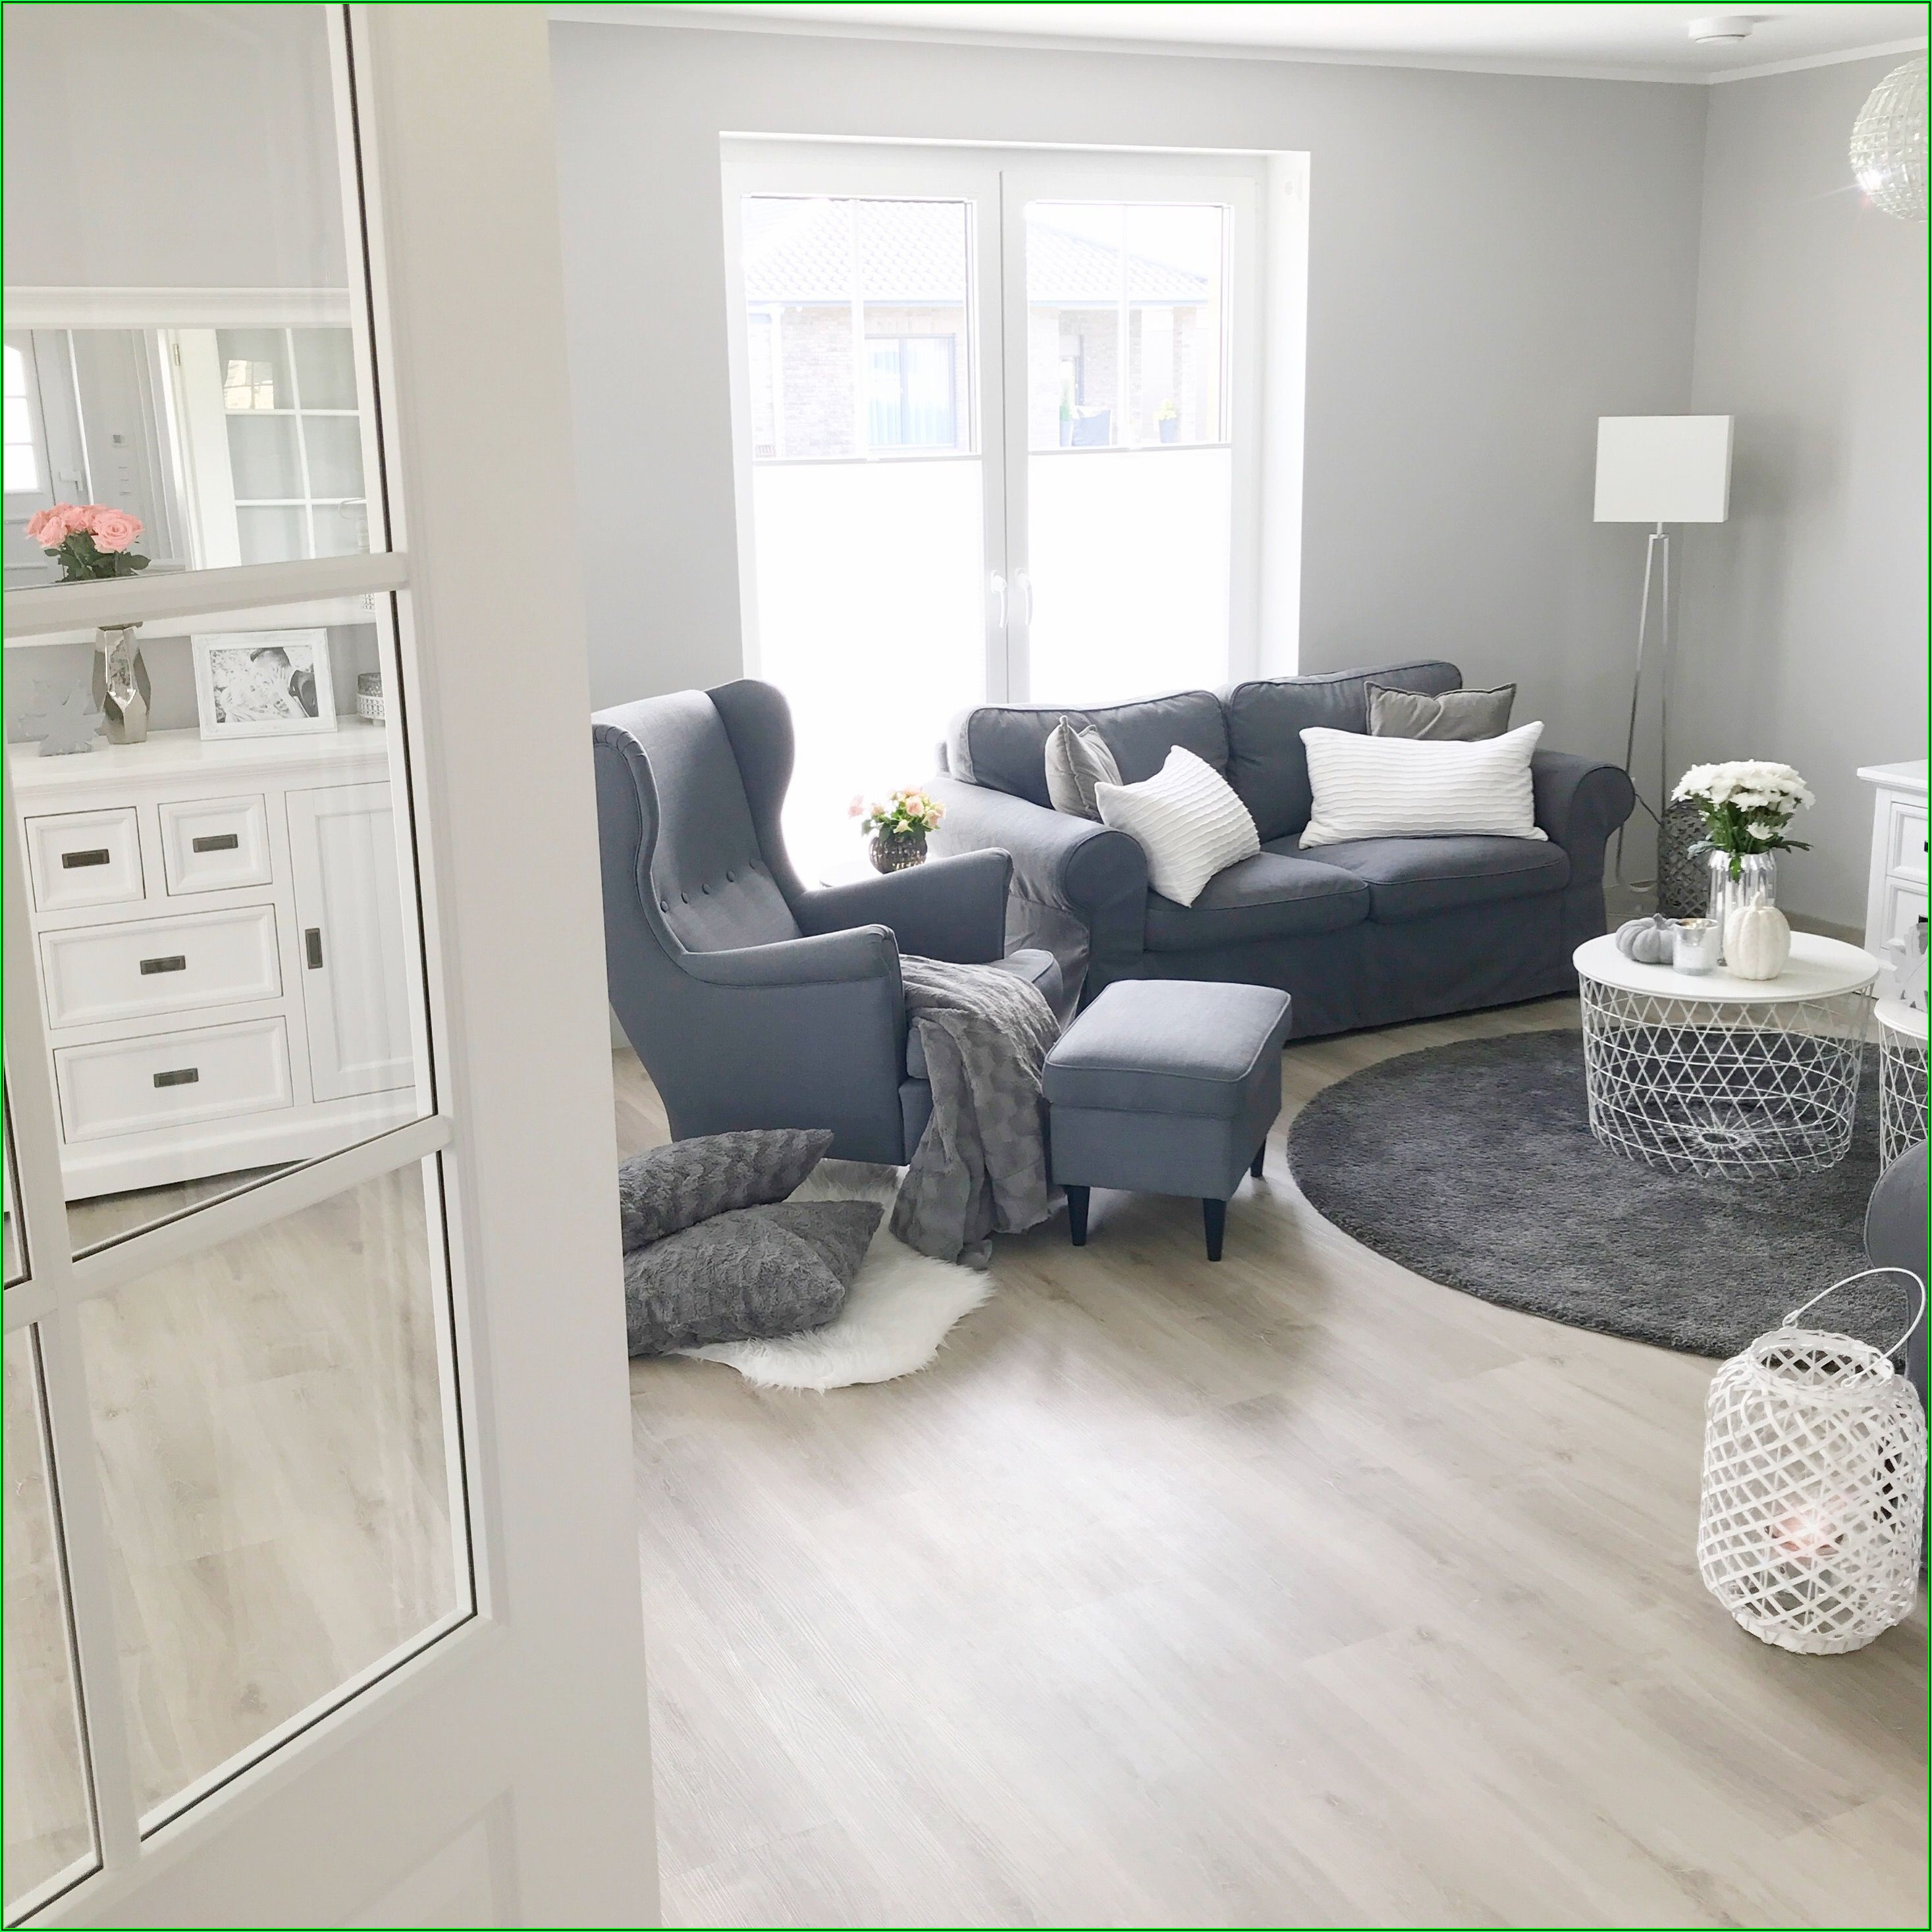 Wohnzimmer Ideen Instagram